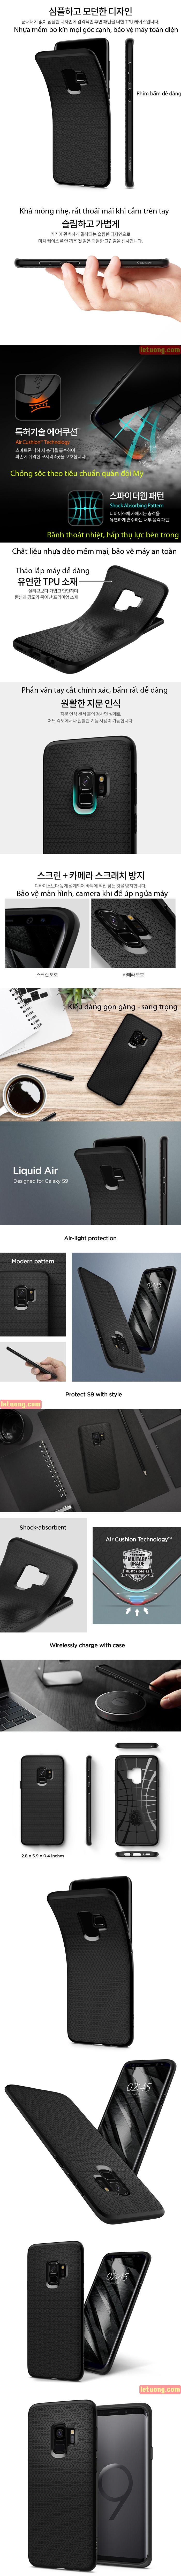 Ốp lưng Samsung Galaxy S9 Spigen Liquid Air chống sốc mỏng nhất từ Mỹ 3